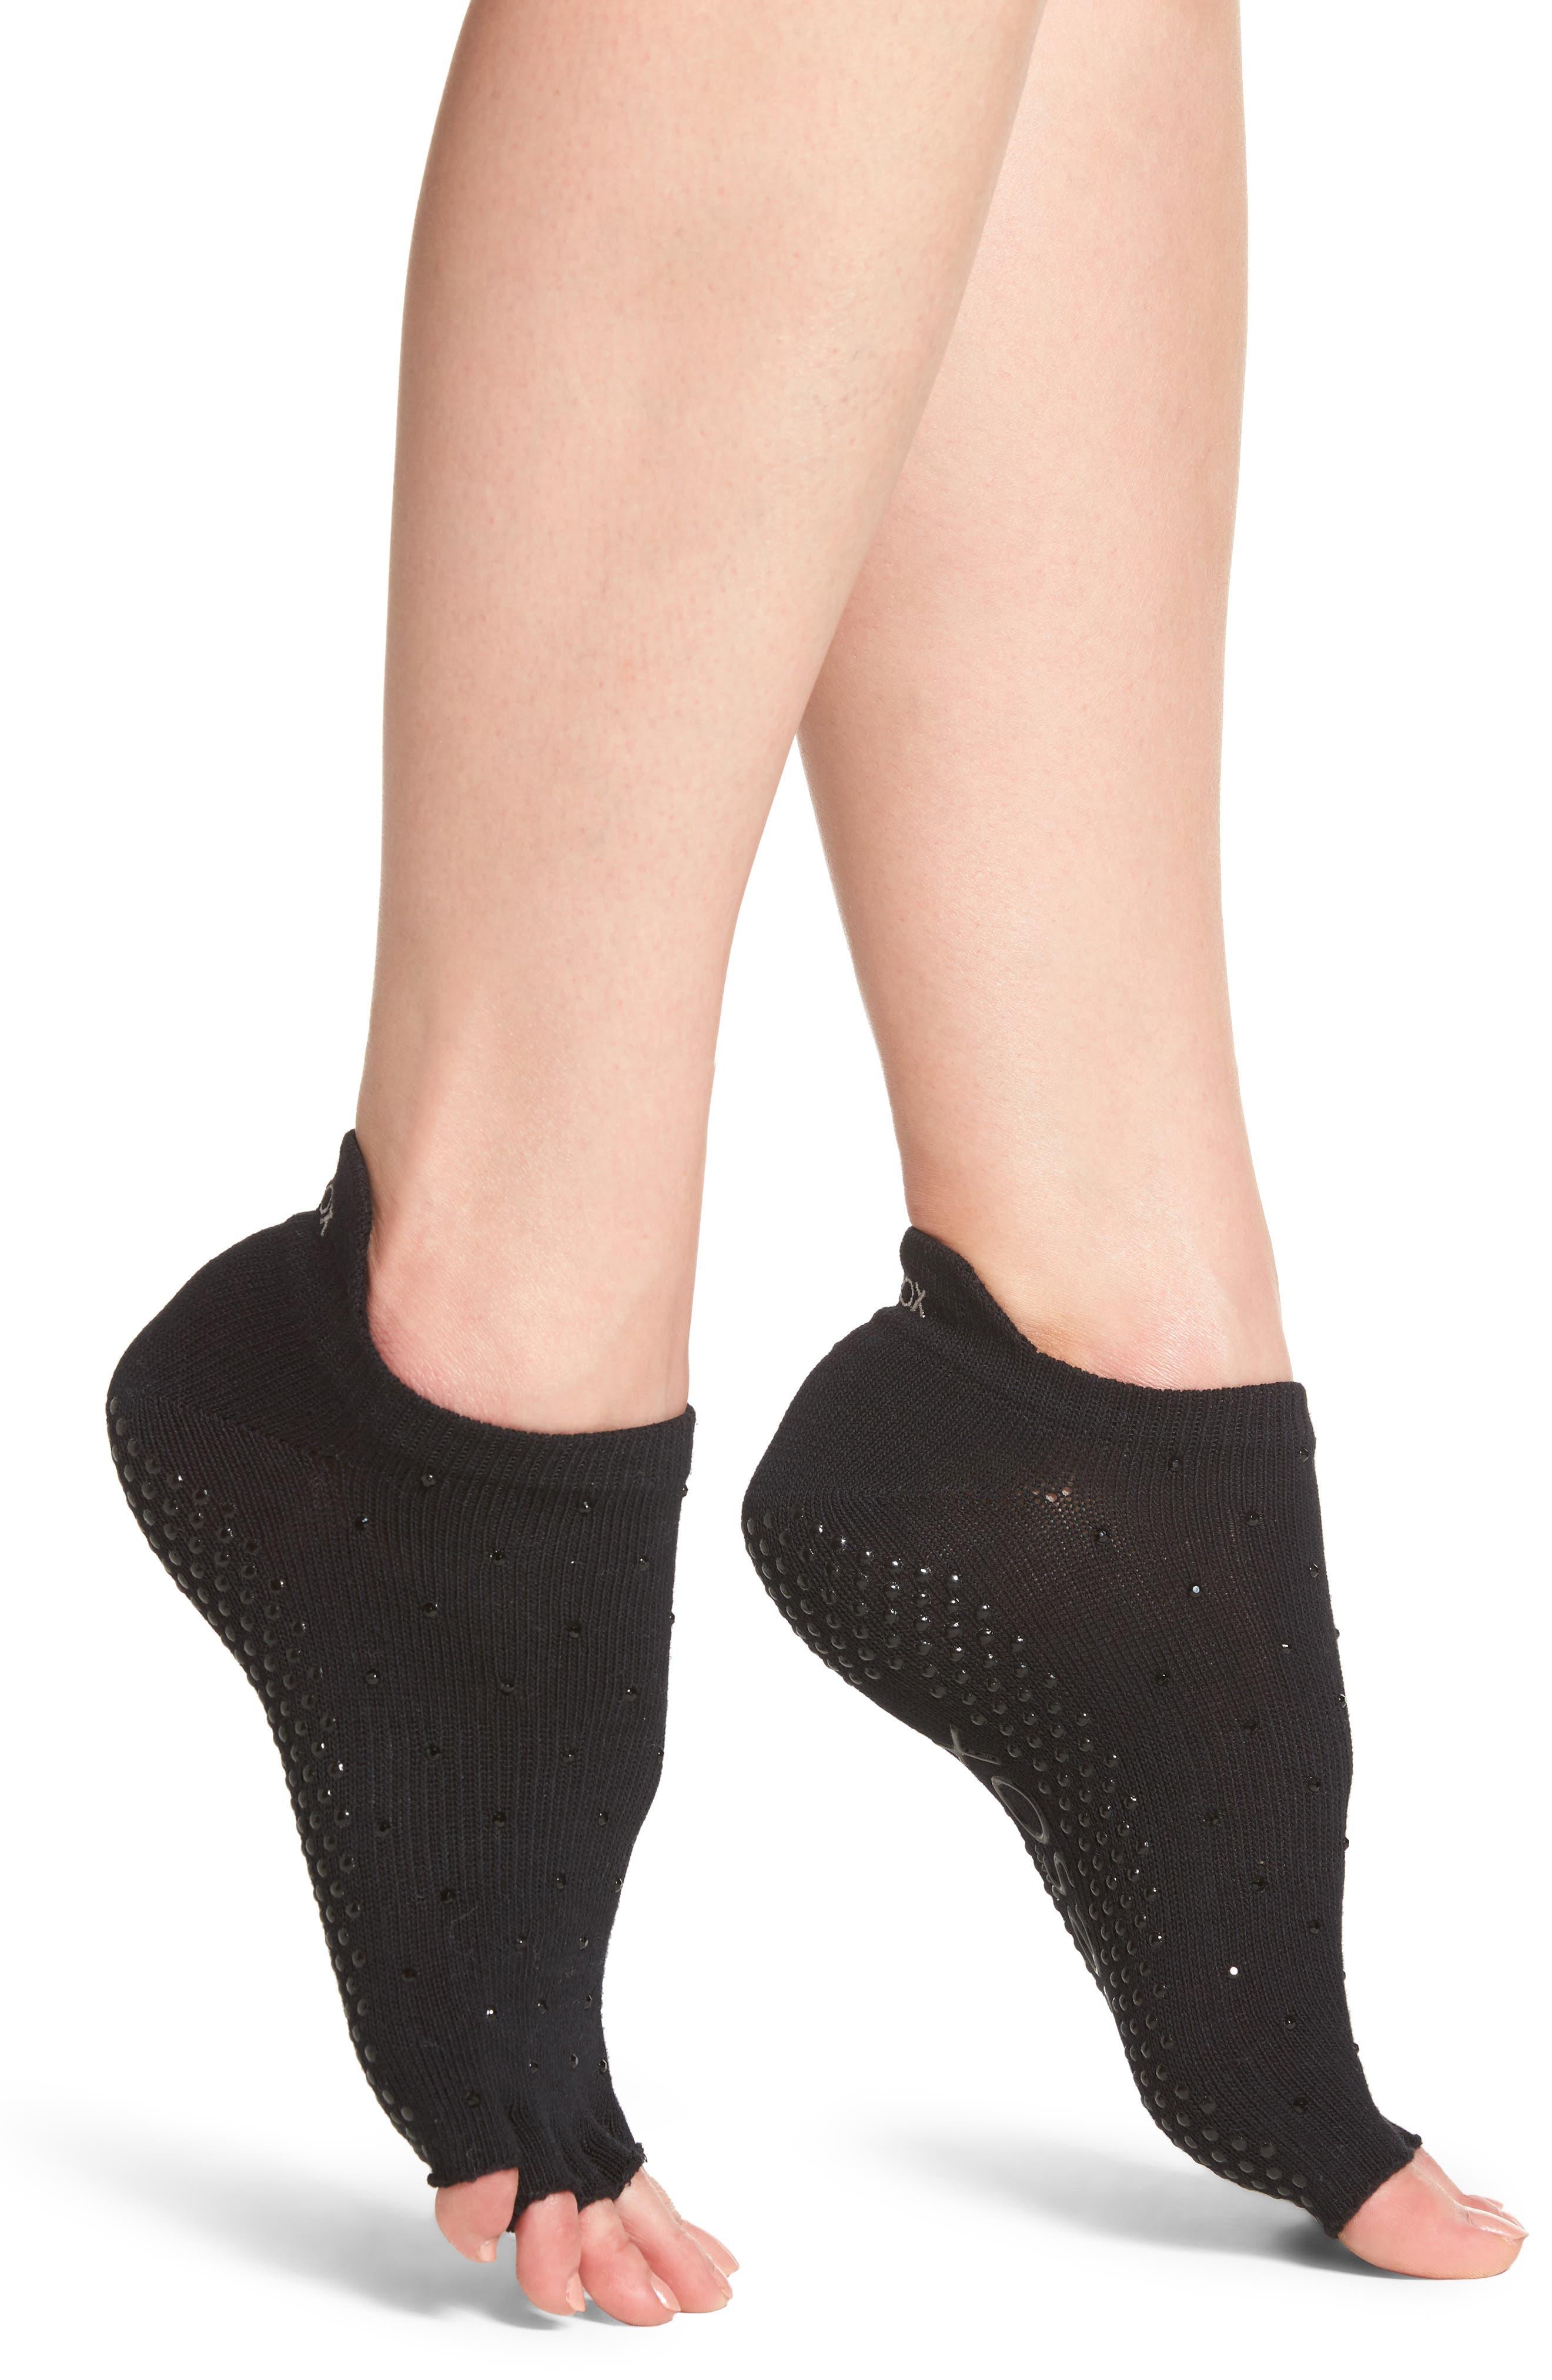 Half Toe Low Rise Grip Socks,                             Main thumbnail 1, color,                             Nightlife